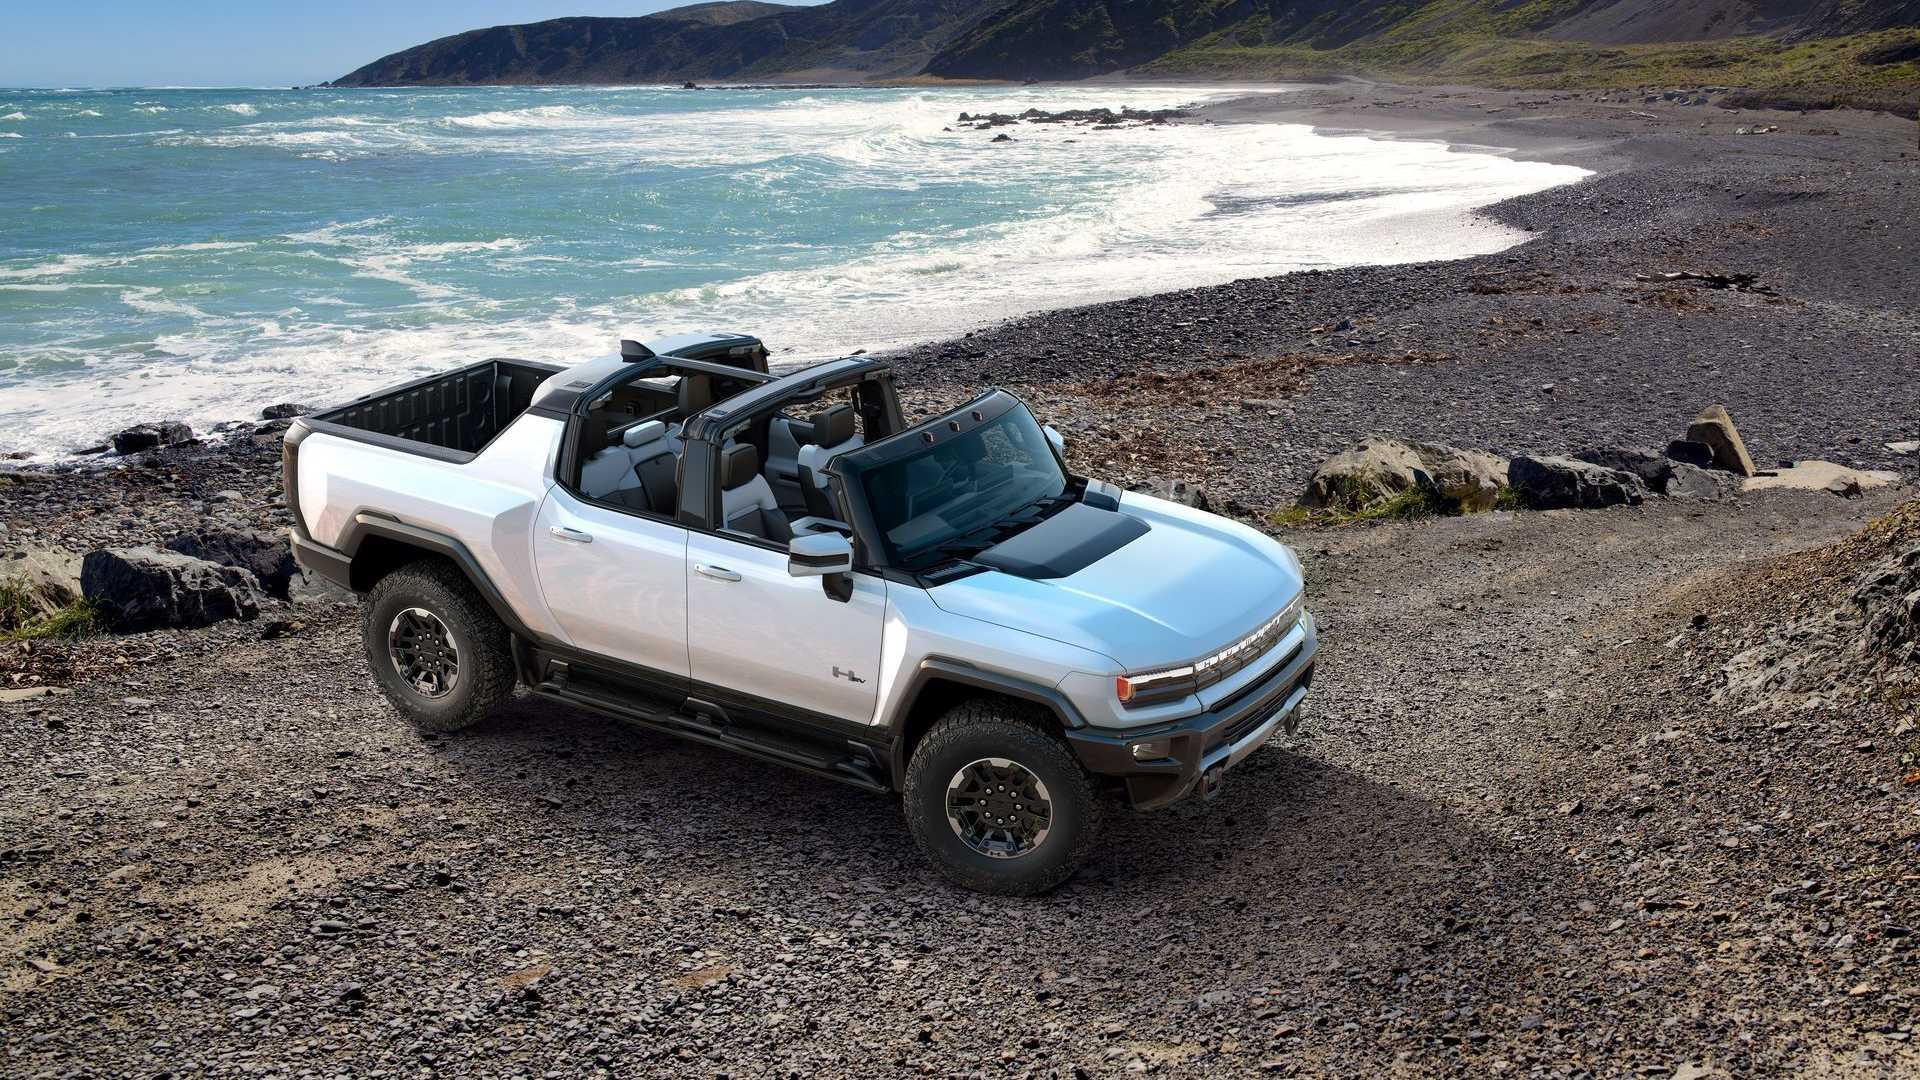 Обзор новейшего электромобиля GMC Hummer EV (видео)